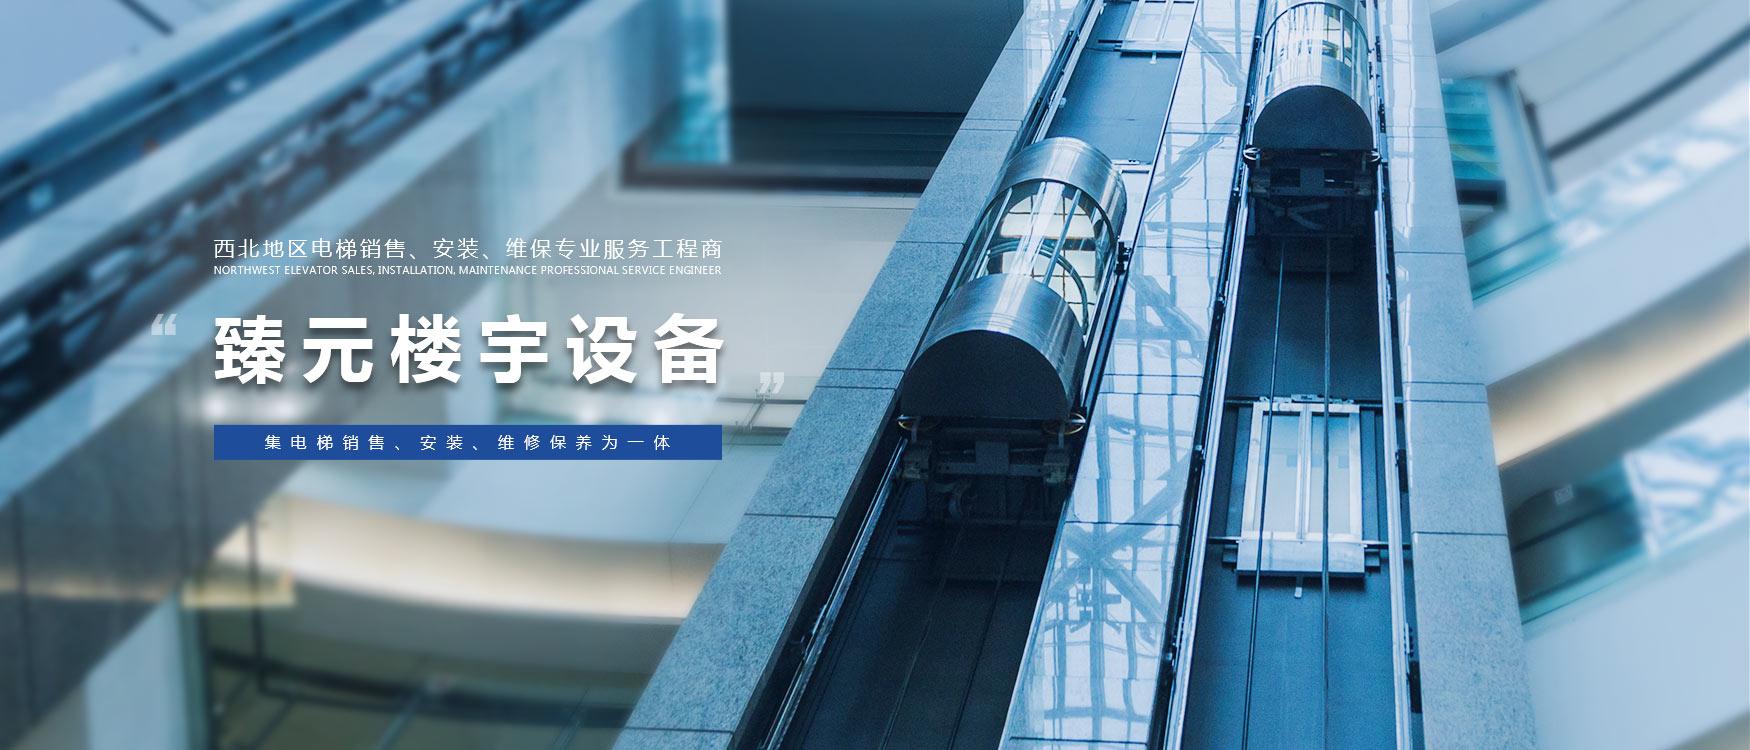 西安观光电梯工程